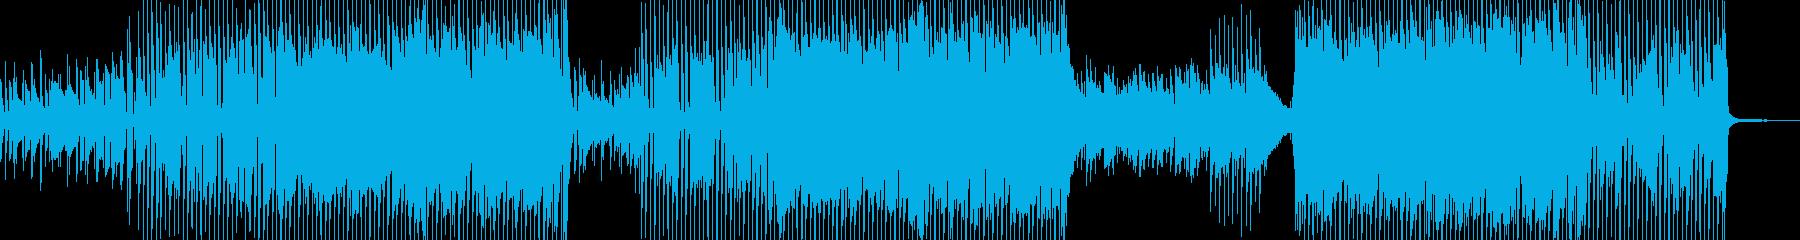 ポップロックアメリカインスト。 T...の再生済みの波形